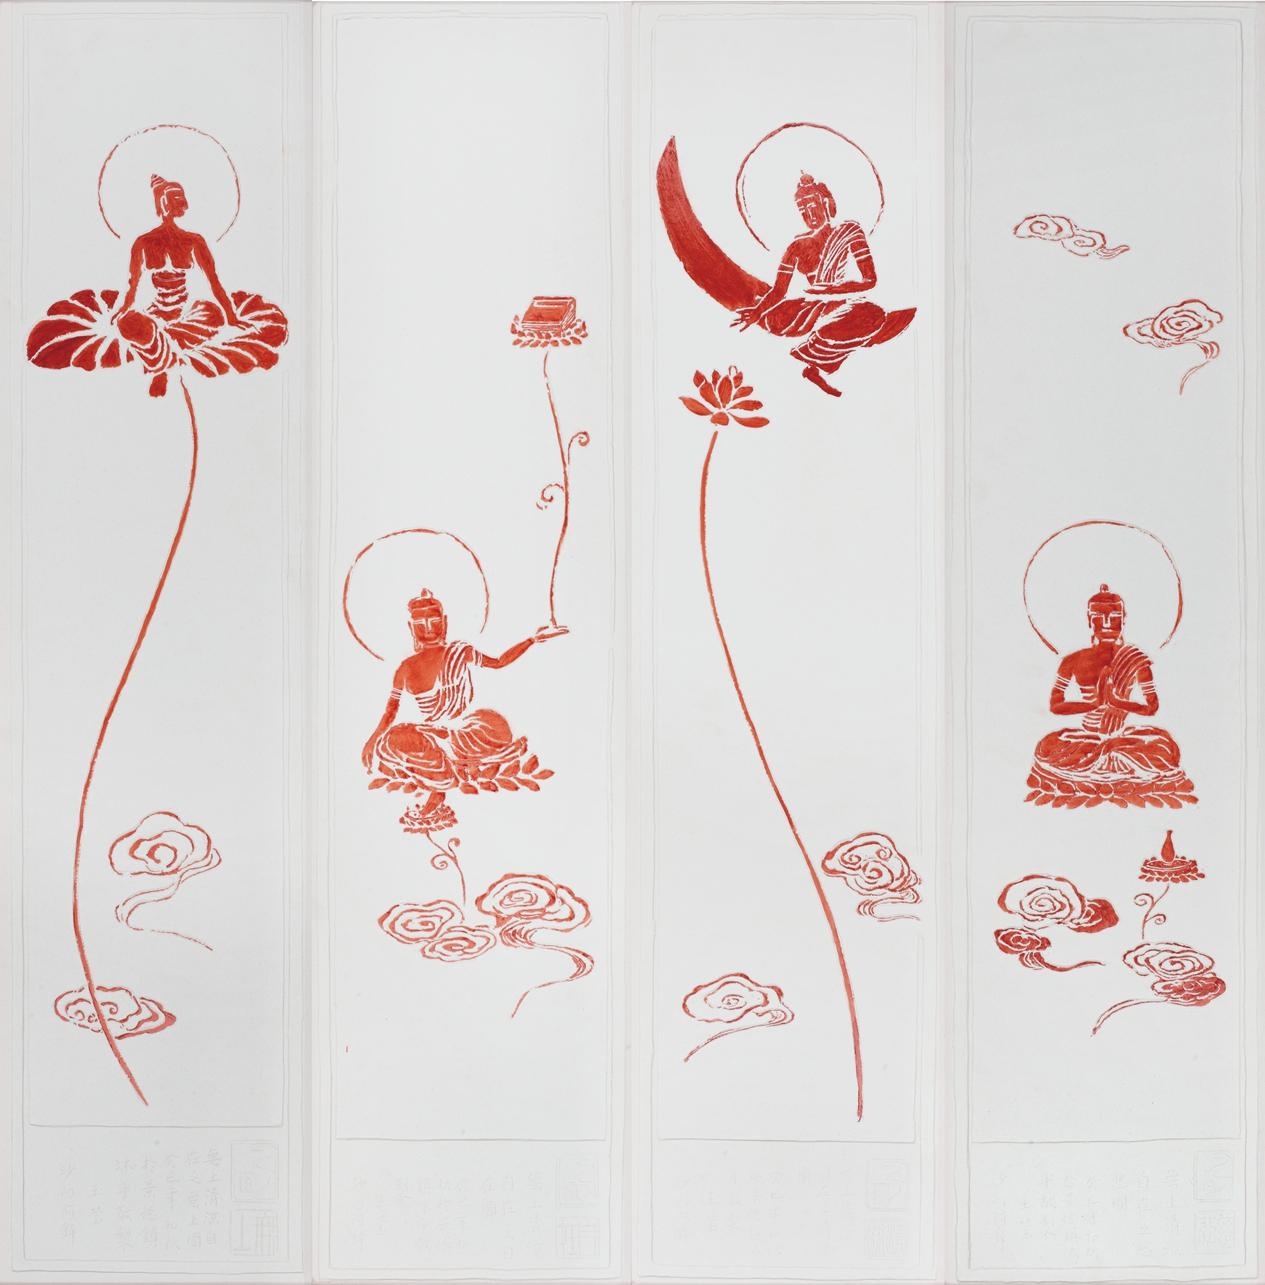 江西景德镇 作者:王莹、释妙光 瓷板 无上图